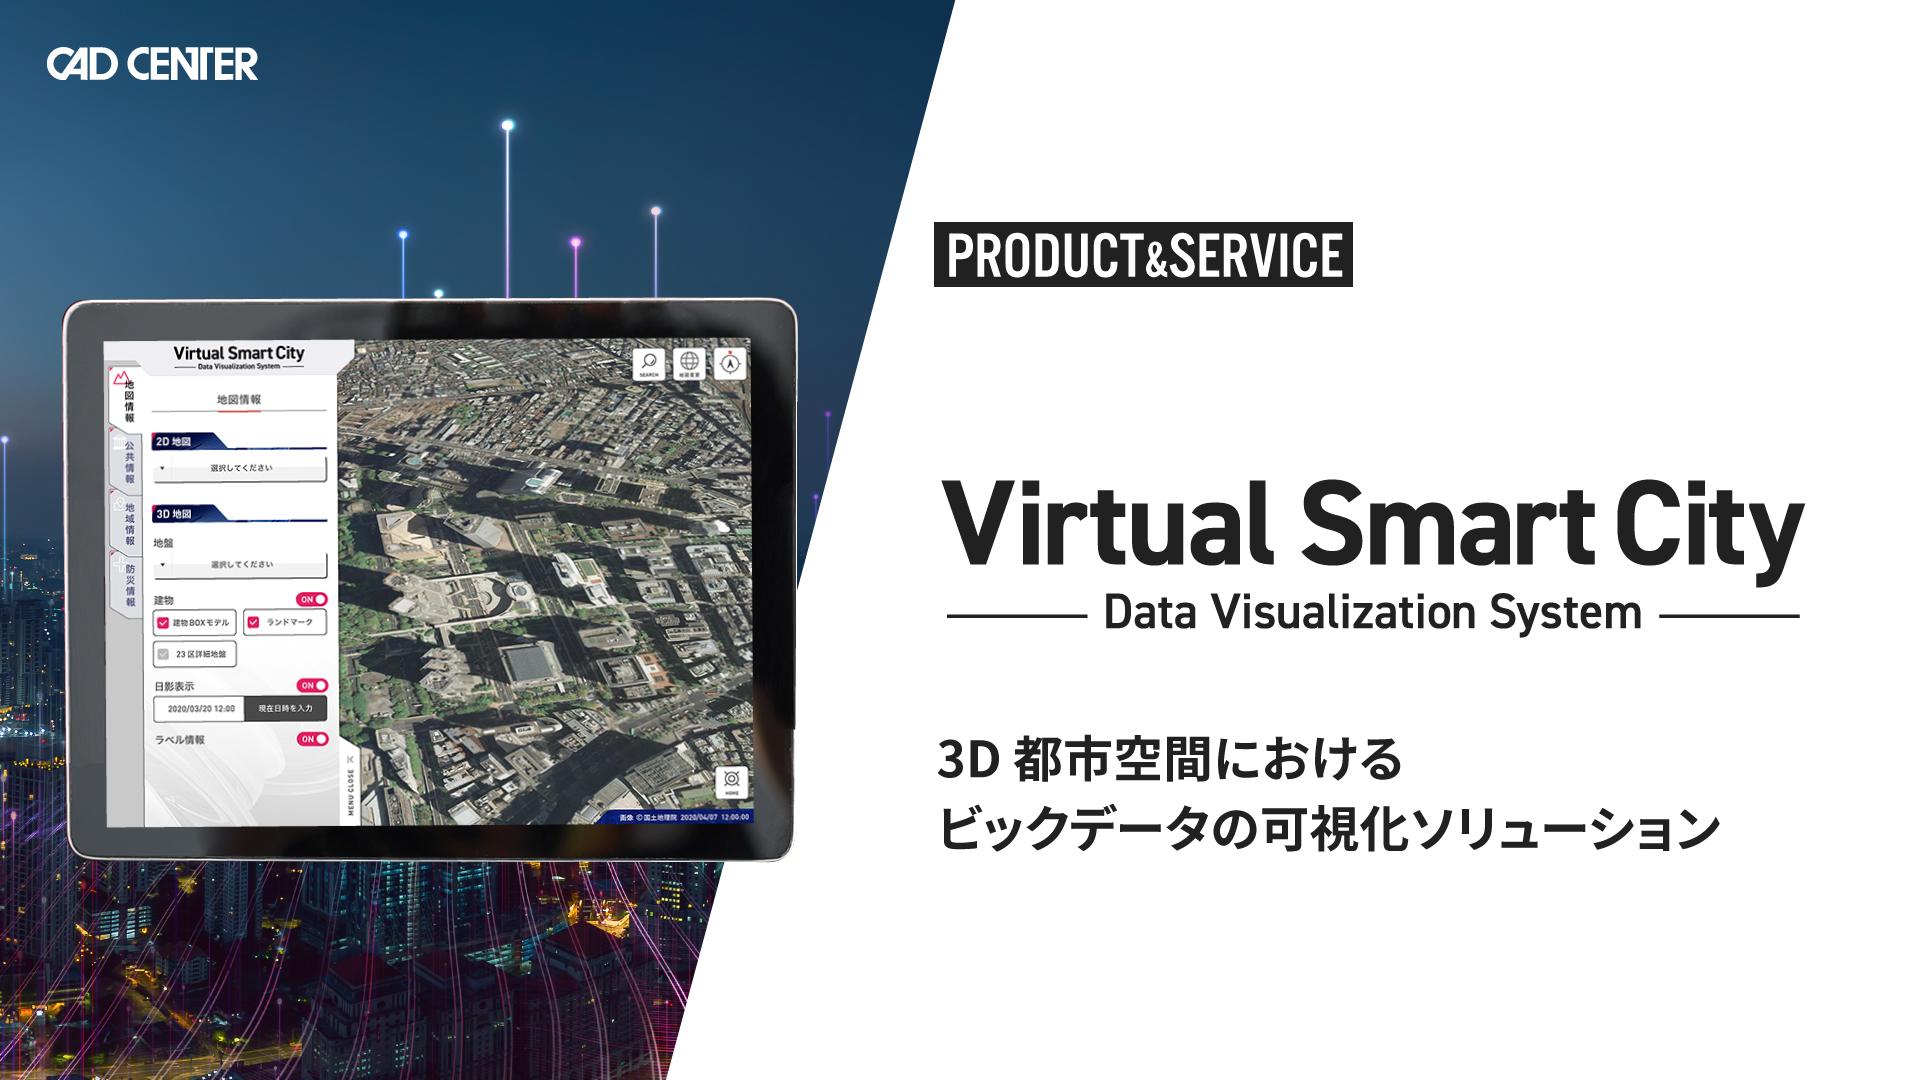 3D都市空間におけるビッグデータの可視化ソリューションです。